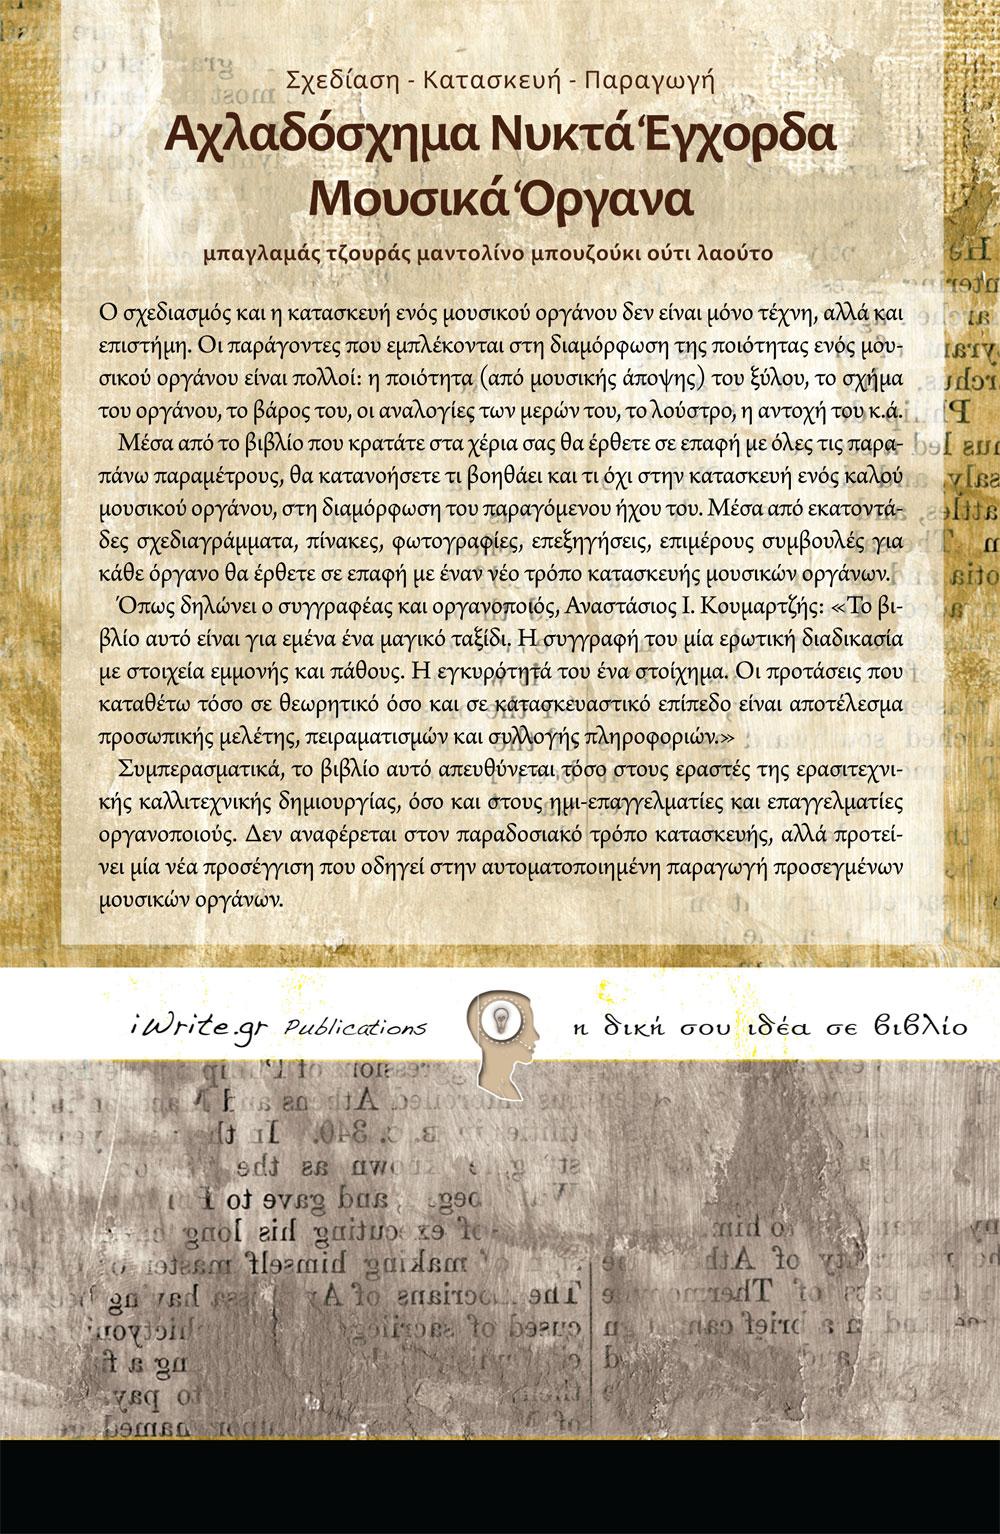 Οπισθόφυλλο, Α.Ν.Ε.Μ.Ο., Εκδόσεις iWrite